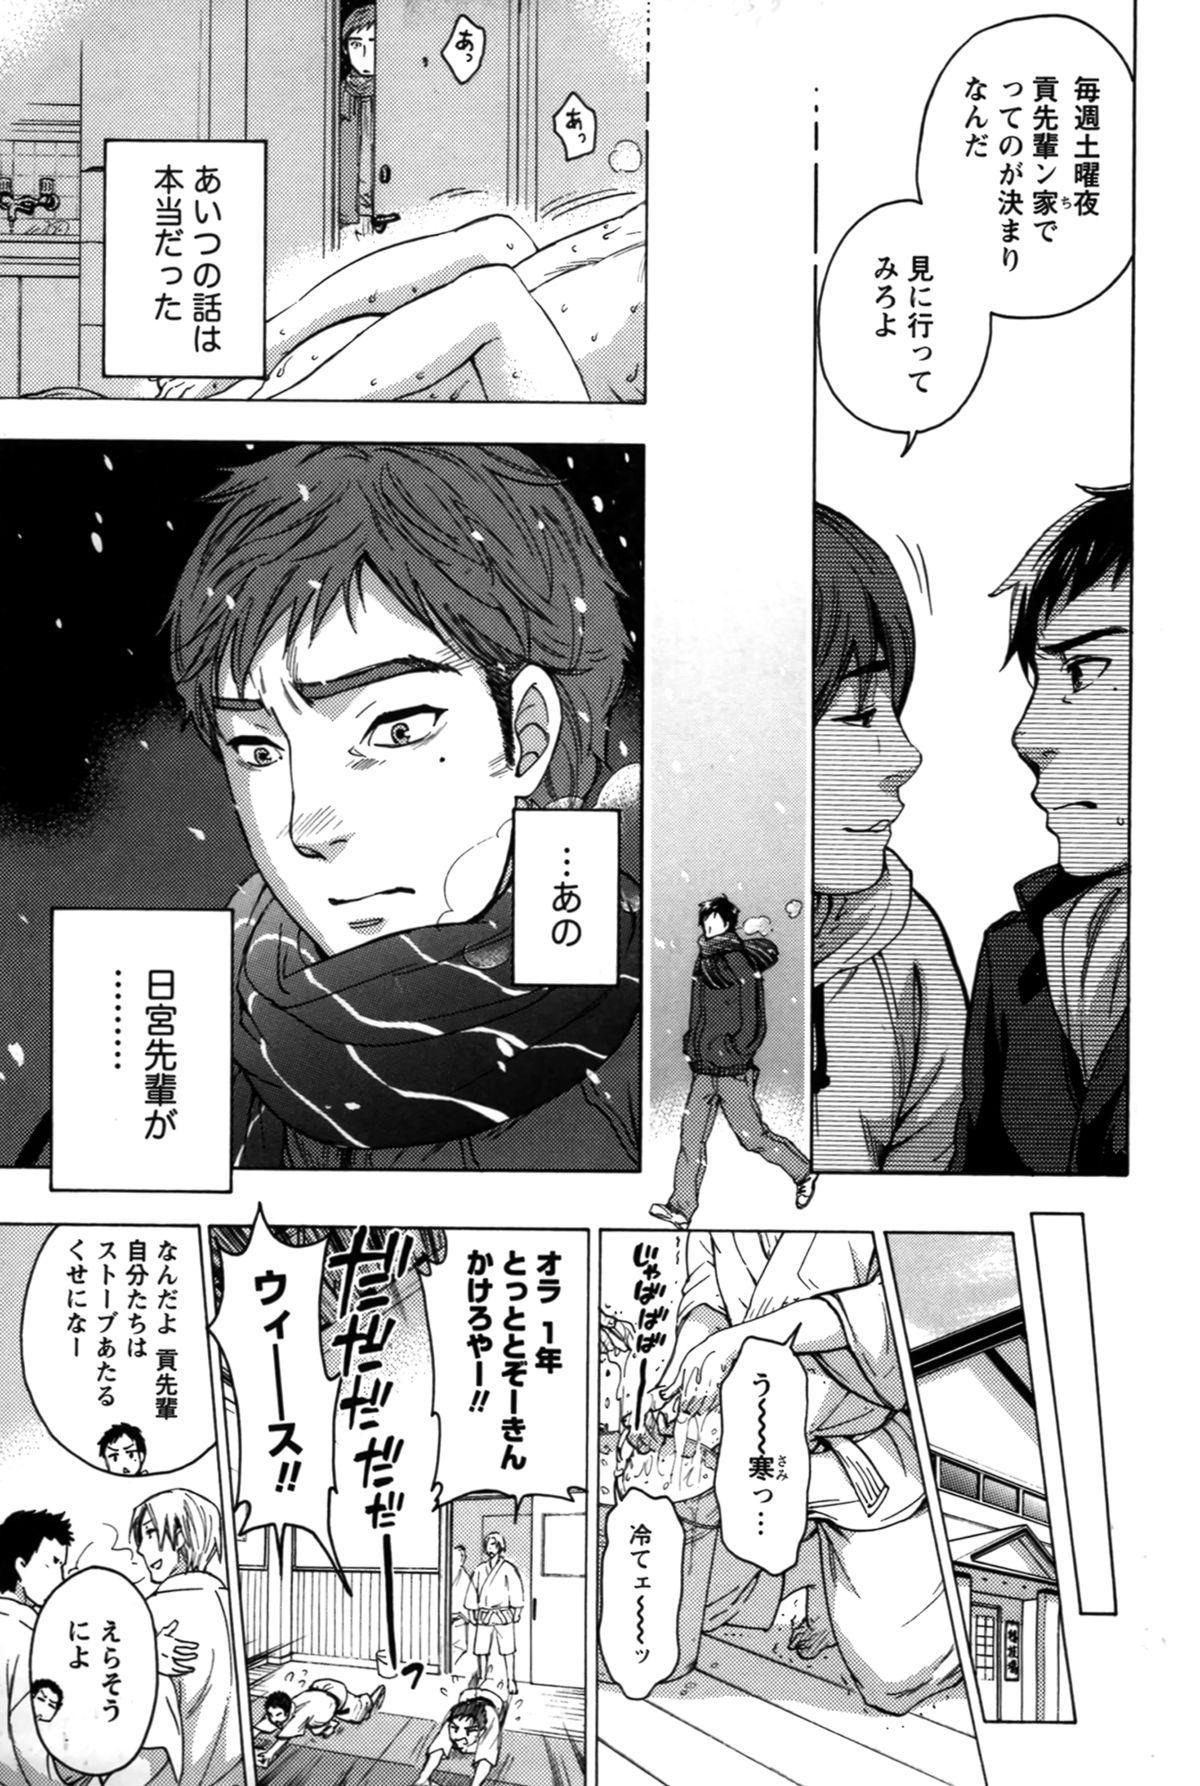 Anata to Watashi wa Warukunai 8